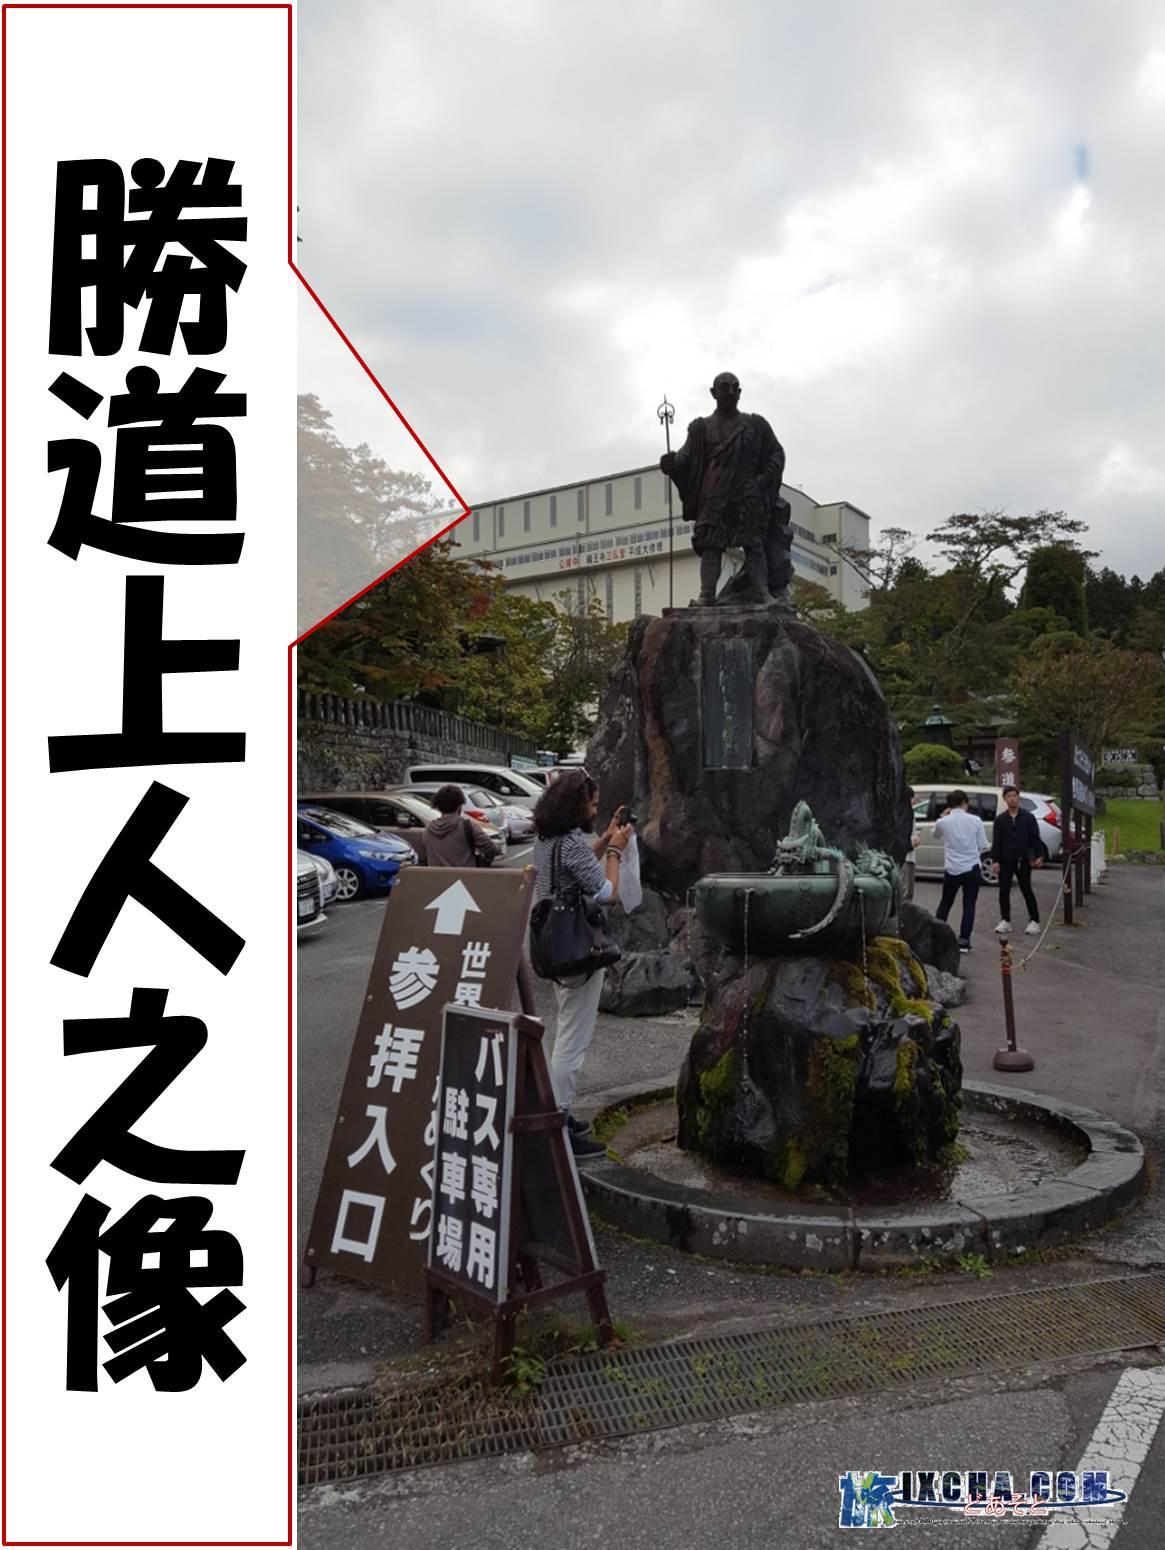 勝道上人之像 日光東照宮への入り口になる駐車場前に建てられた「勝道上人之像」方面に歩いて進みます。 やたらと帰宅間際の外人さん達が必死に撮影していましたが、恐らく誰なのかを分からず撮影しているんだと思います。 ちなみに、「勝道上人」は、奈良時代後期から平安時代初期の僧侶で、日光東照宮に家康を祀る約800年前に日光を開山した事で知られています。